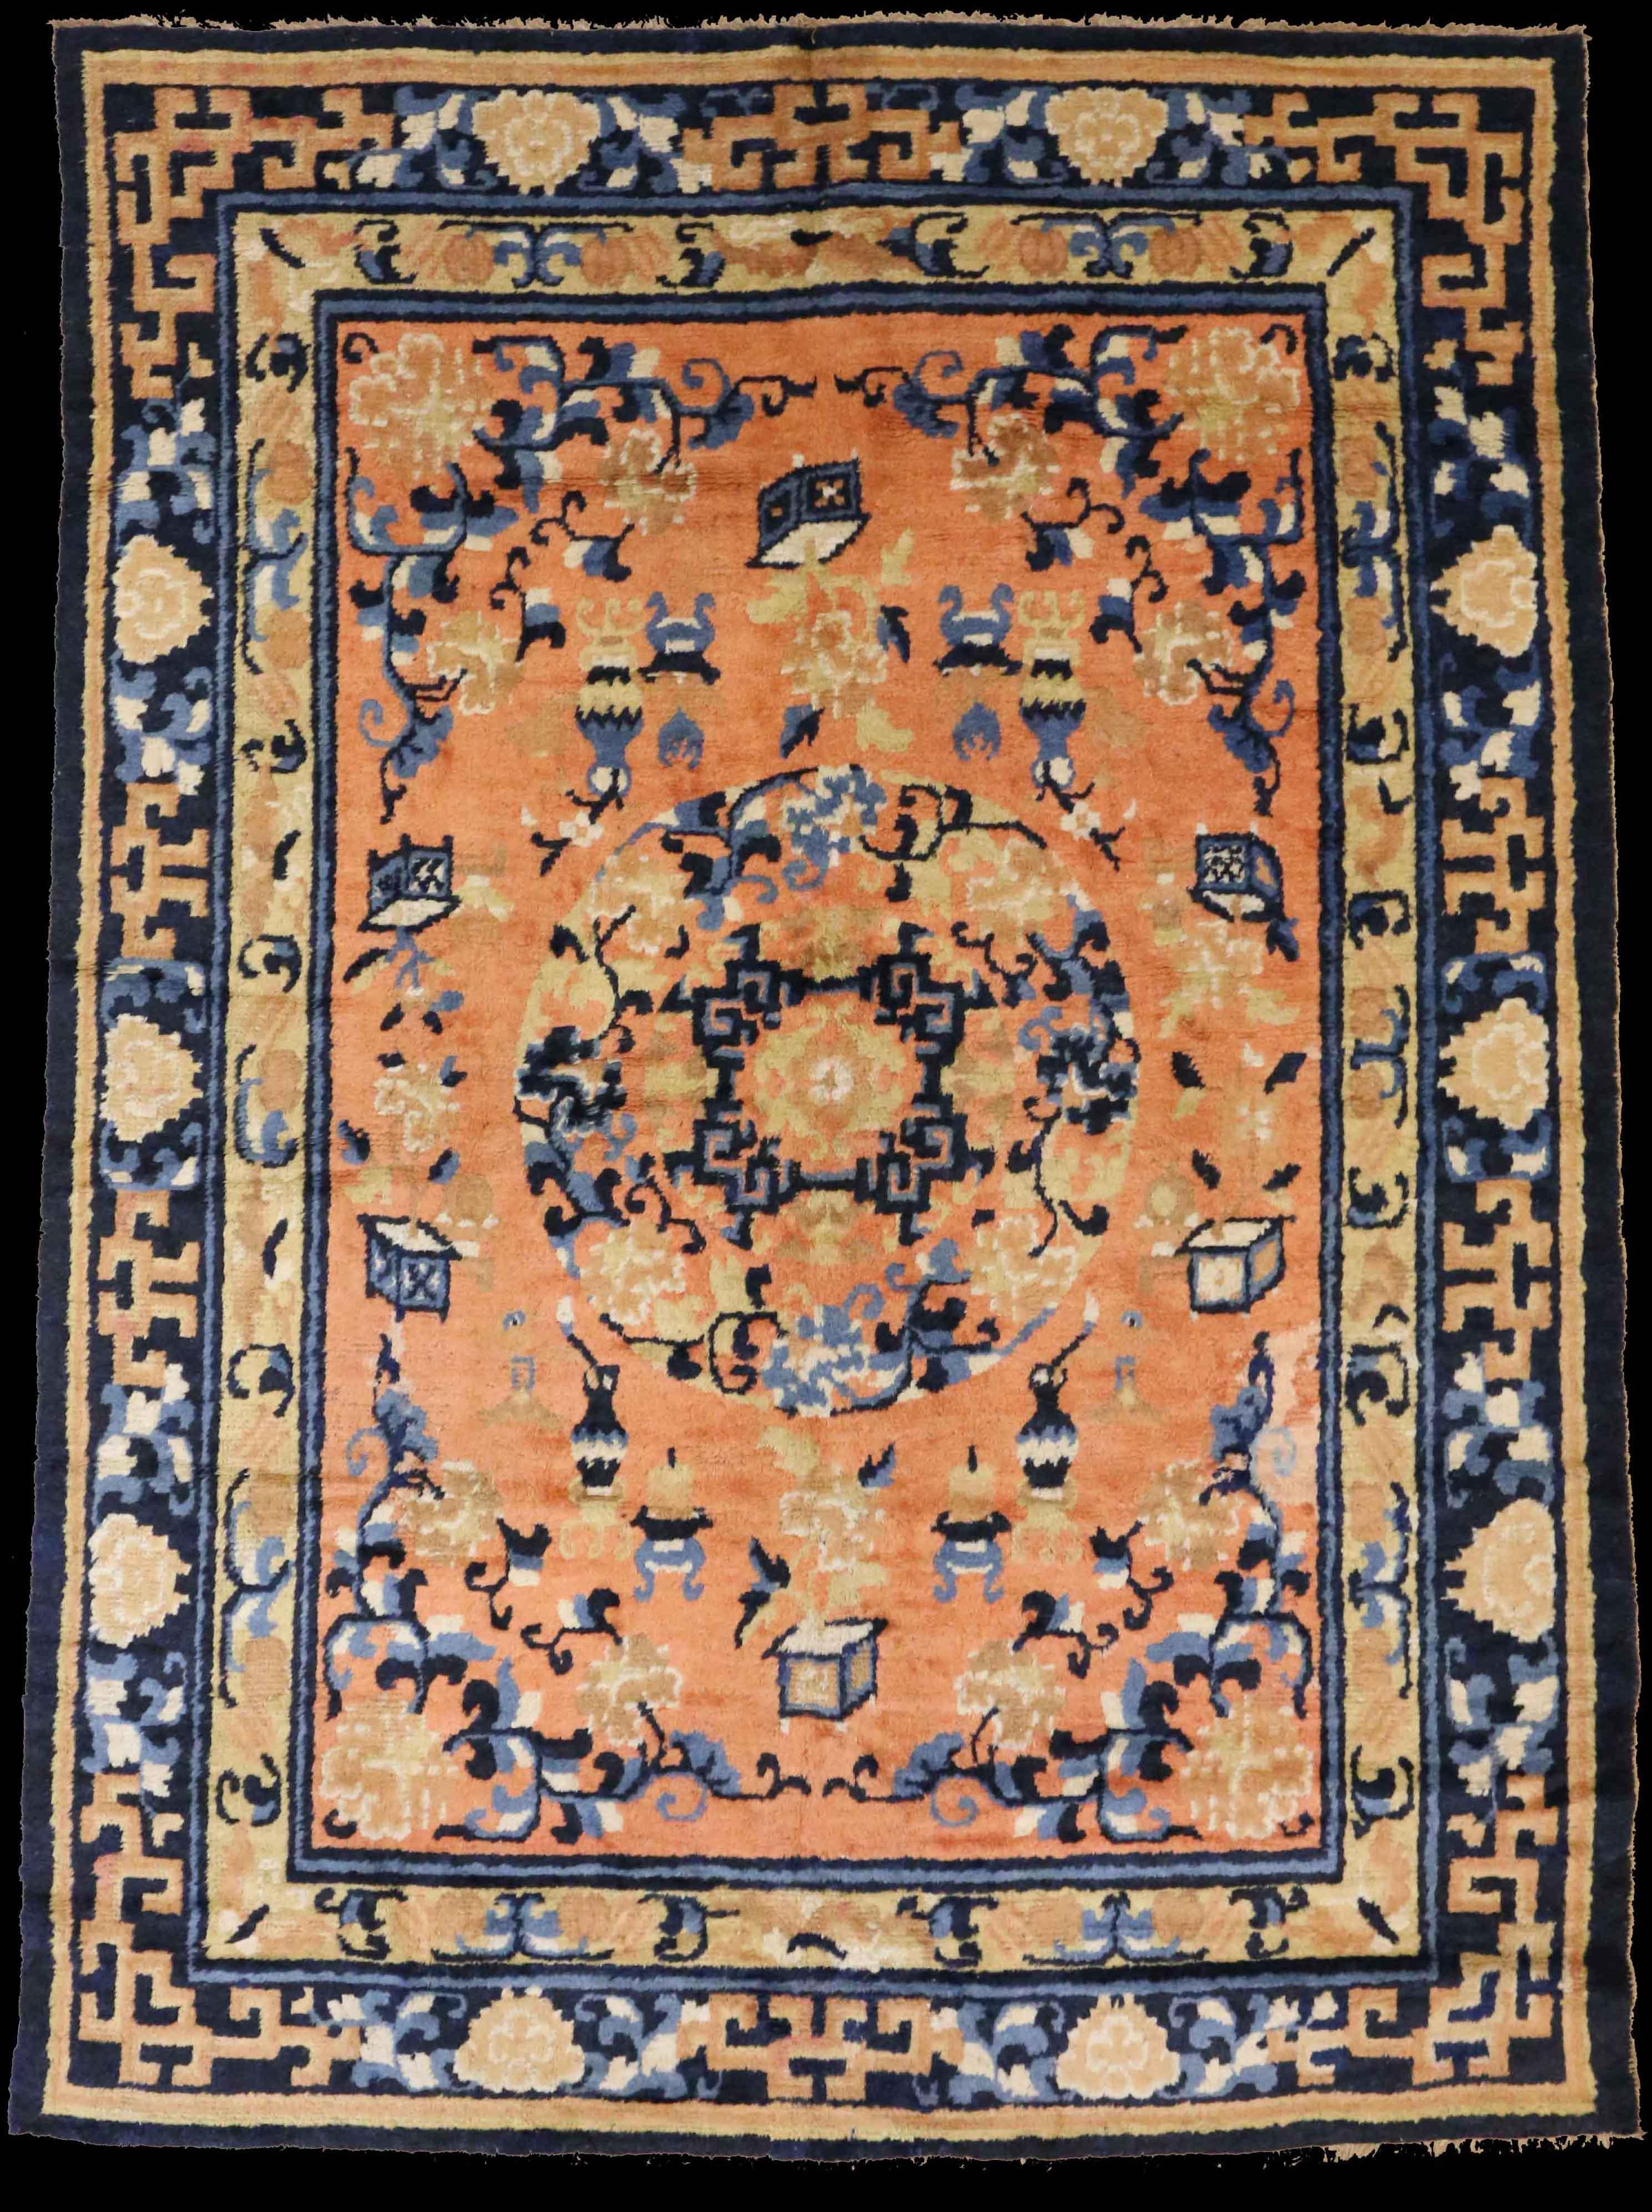 16131 Chinese Ningxia Rug 239cm x 175cm